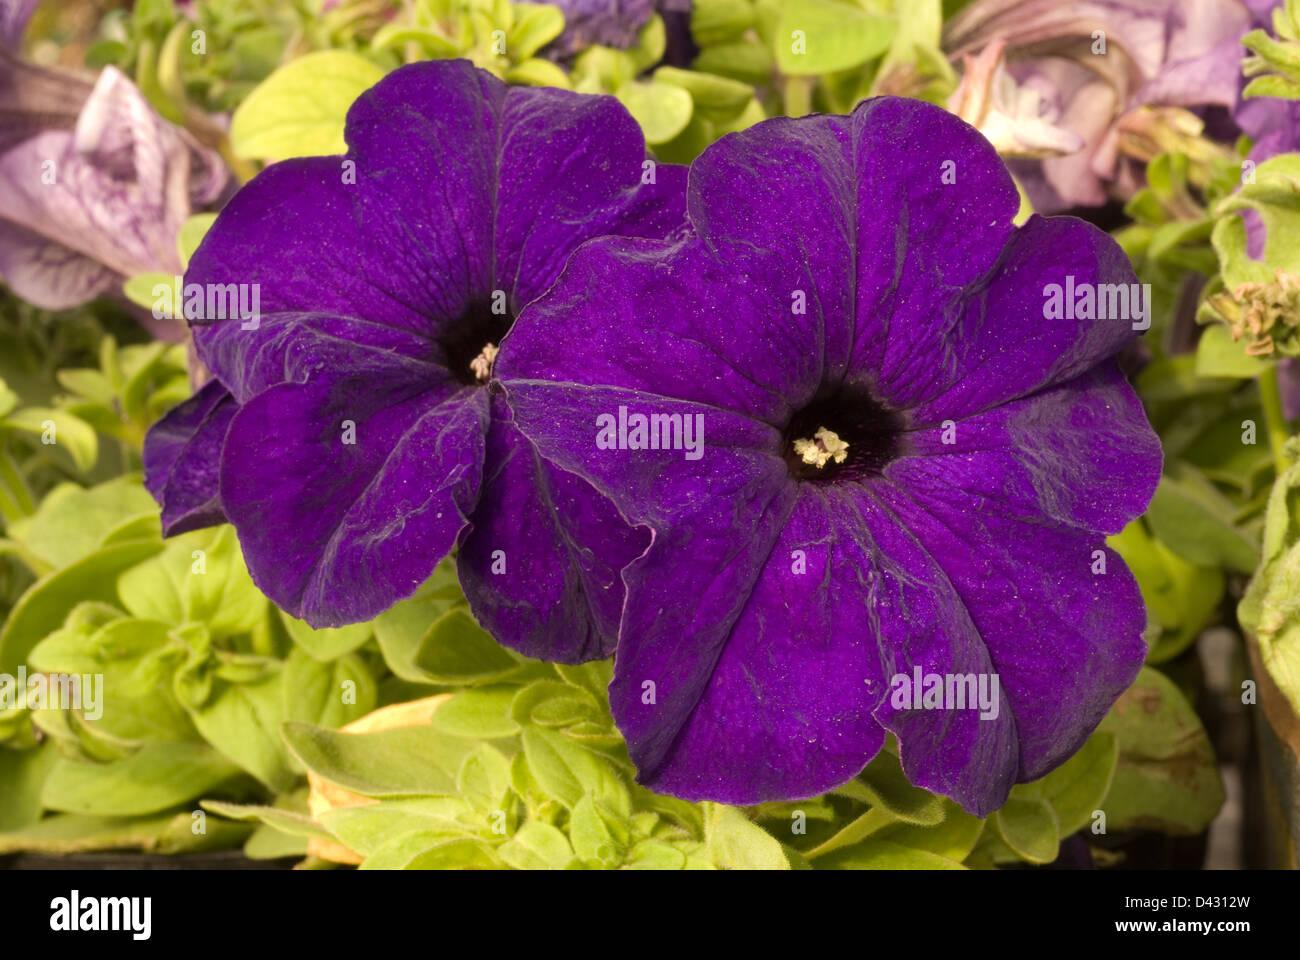 Petunia sp., Solanaceae - Stock Image